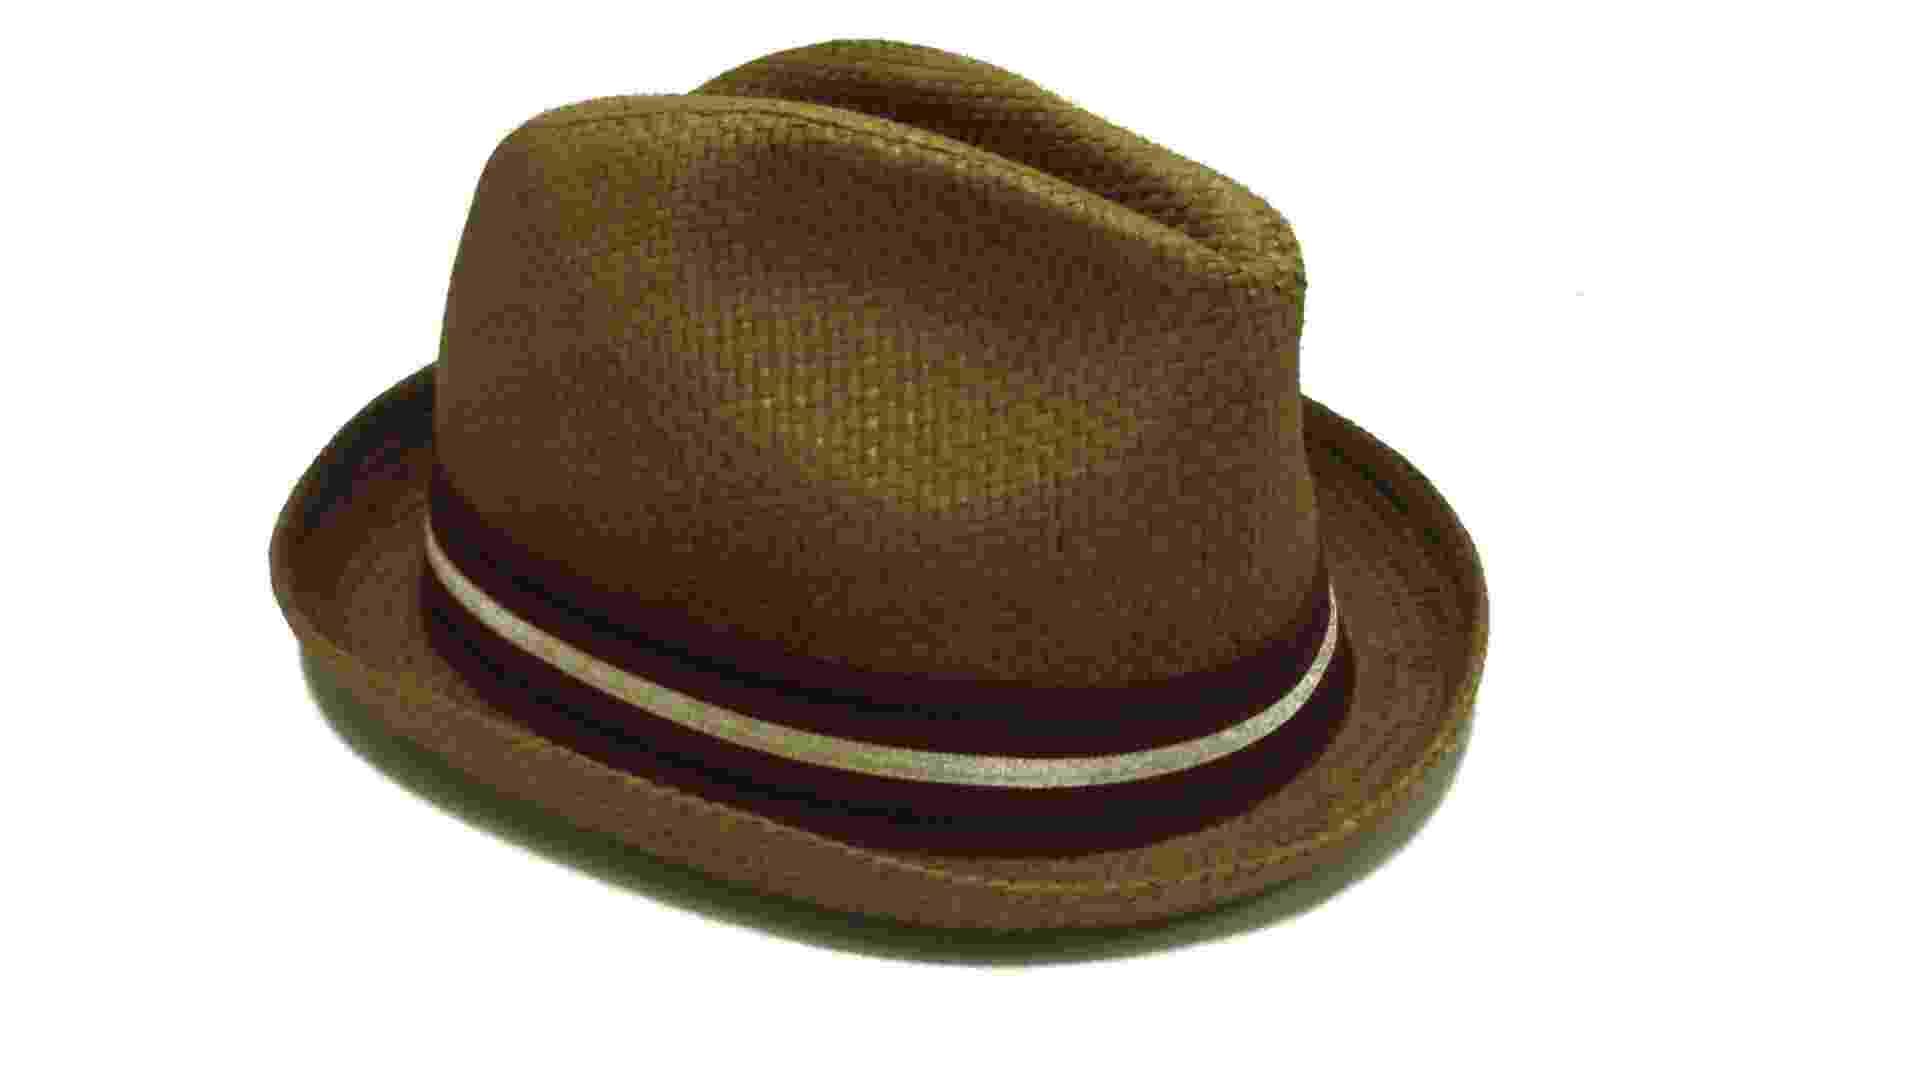 Chapéu panamá verde-musgo com abas arredondadas; R$ 39,90, na Riachuelo (www.riachuelo.com.br) Preço pesquisado em dezembro de 2012 e sujeito a alterações - Divulgação